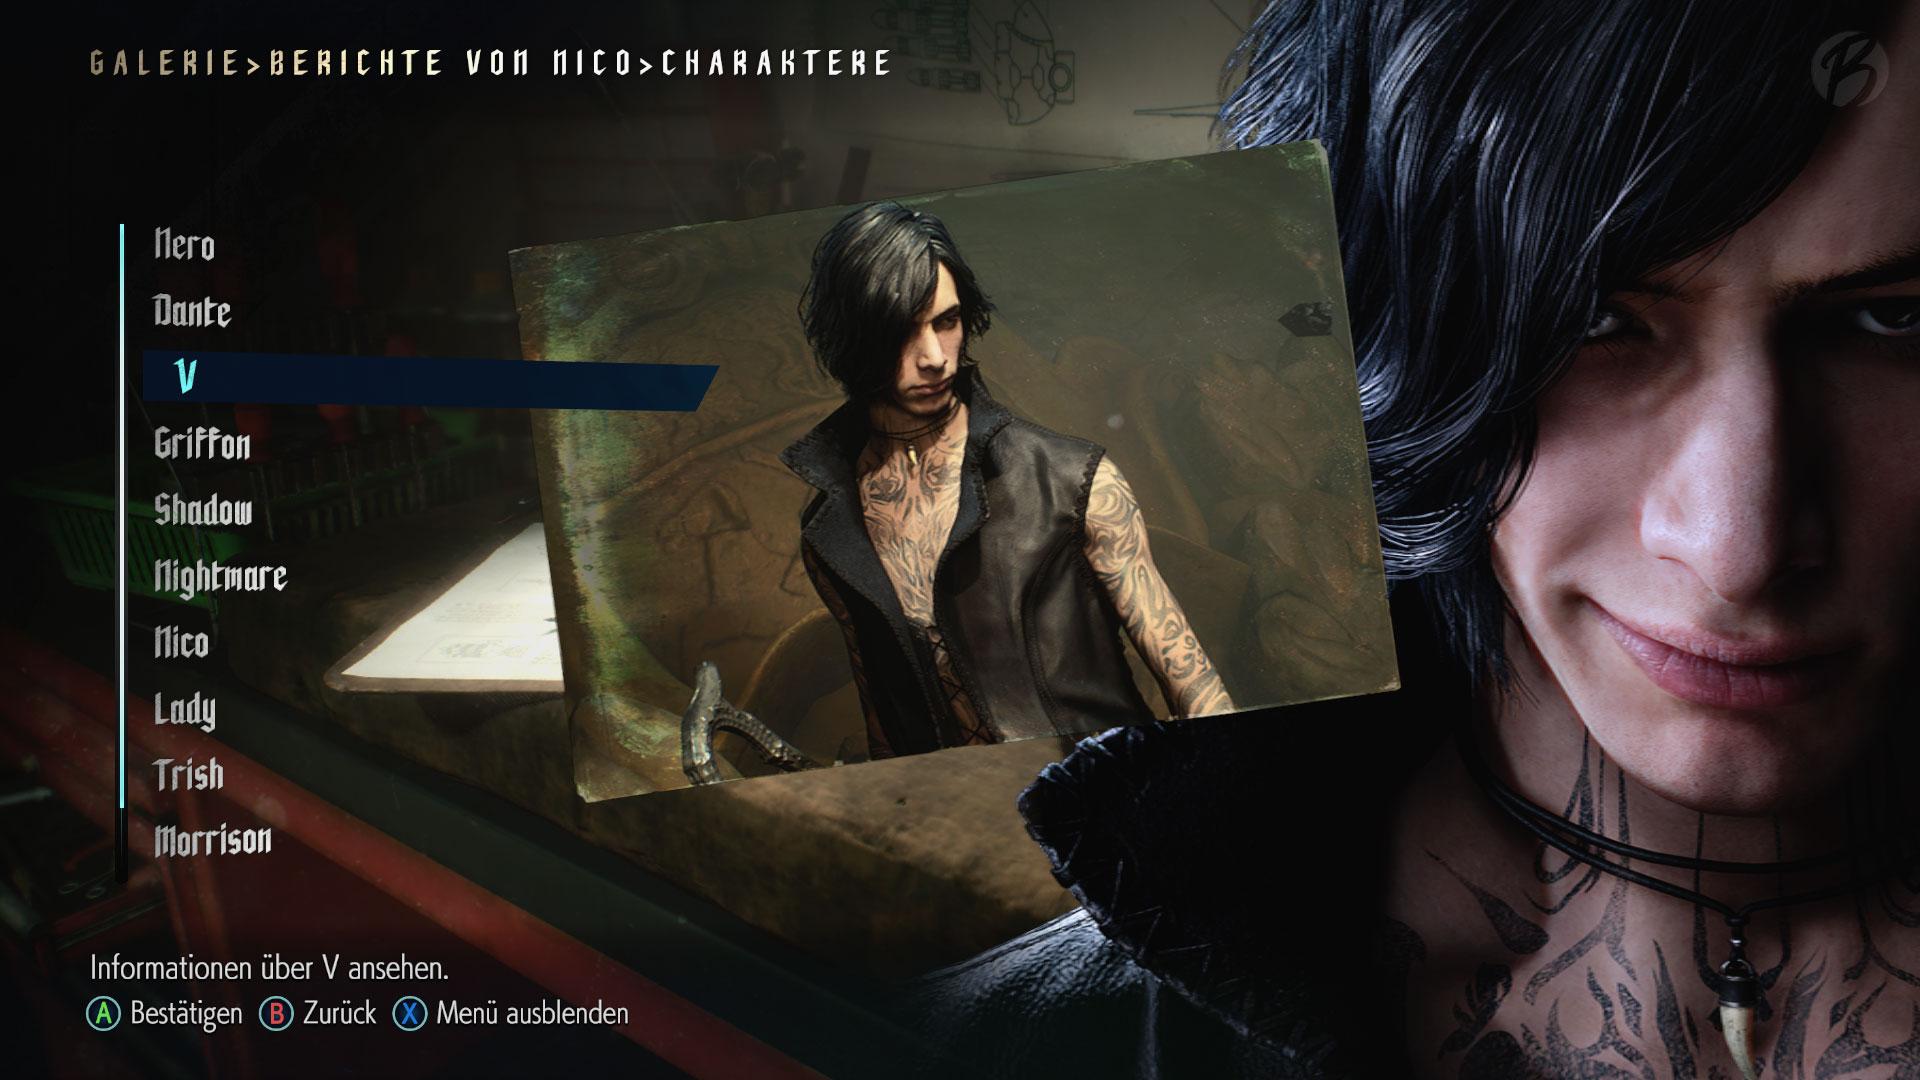 Devil May Cry 5: Berichte von Nico - Informationen zu V